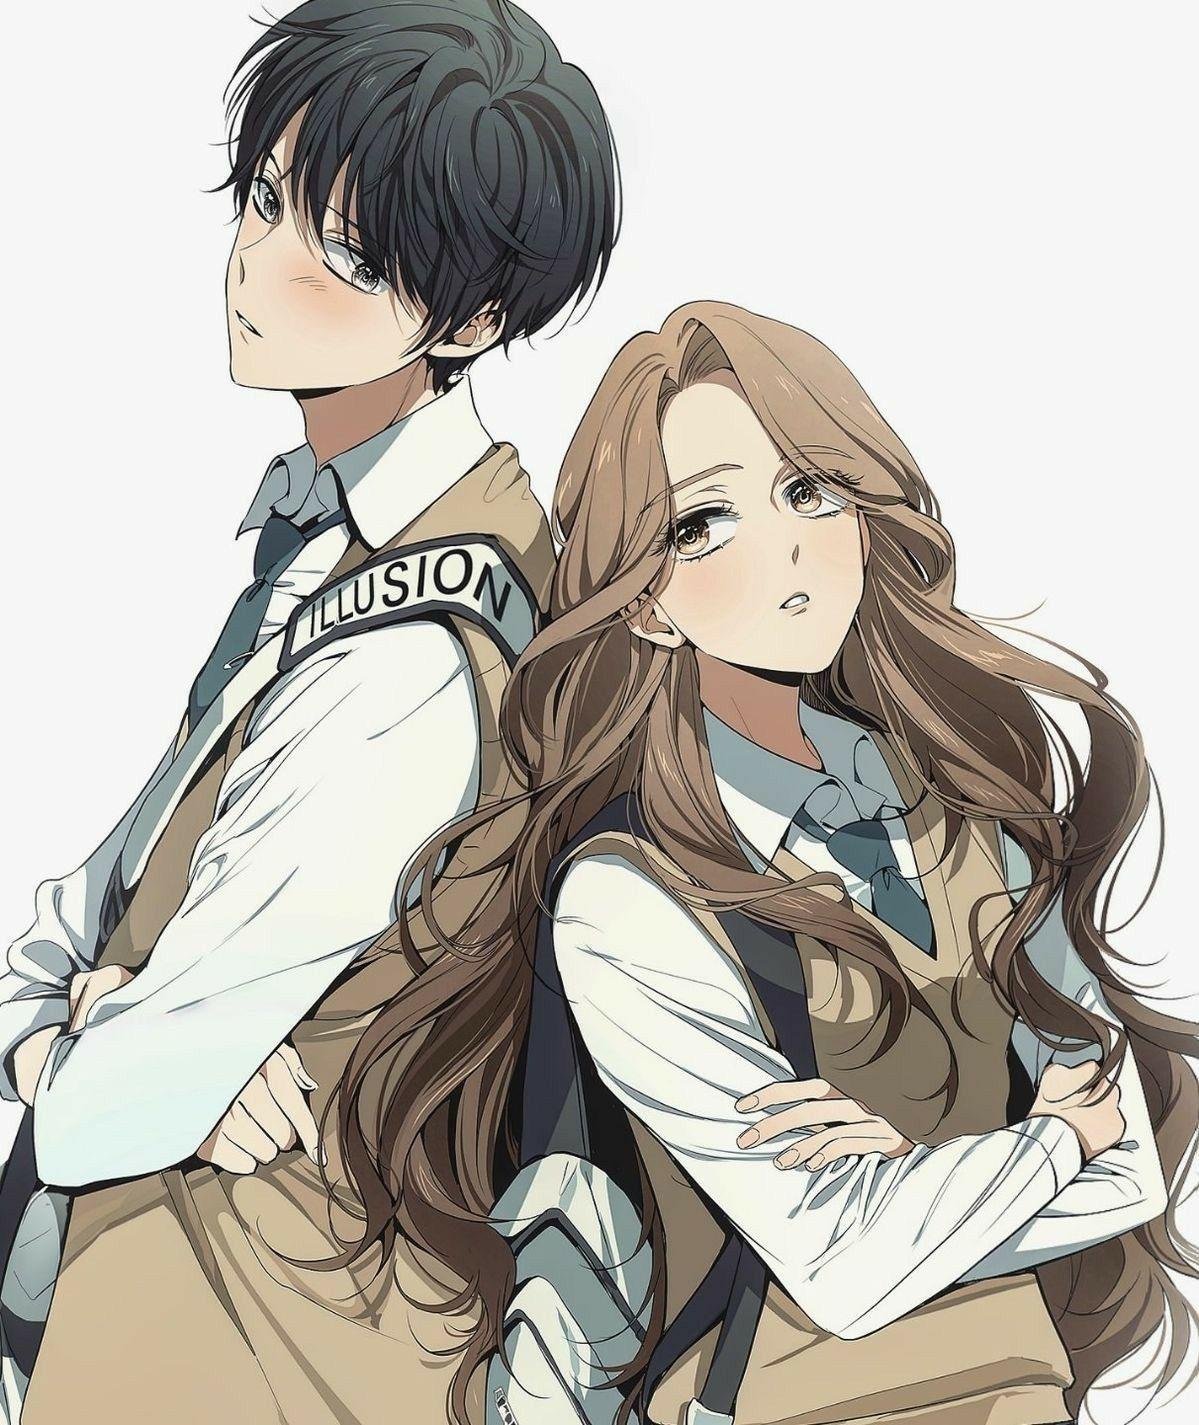 Hug Anime Couple Wallpapers - Wallpaper Cave